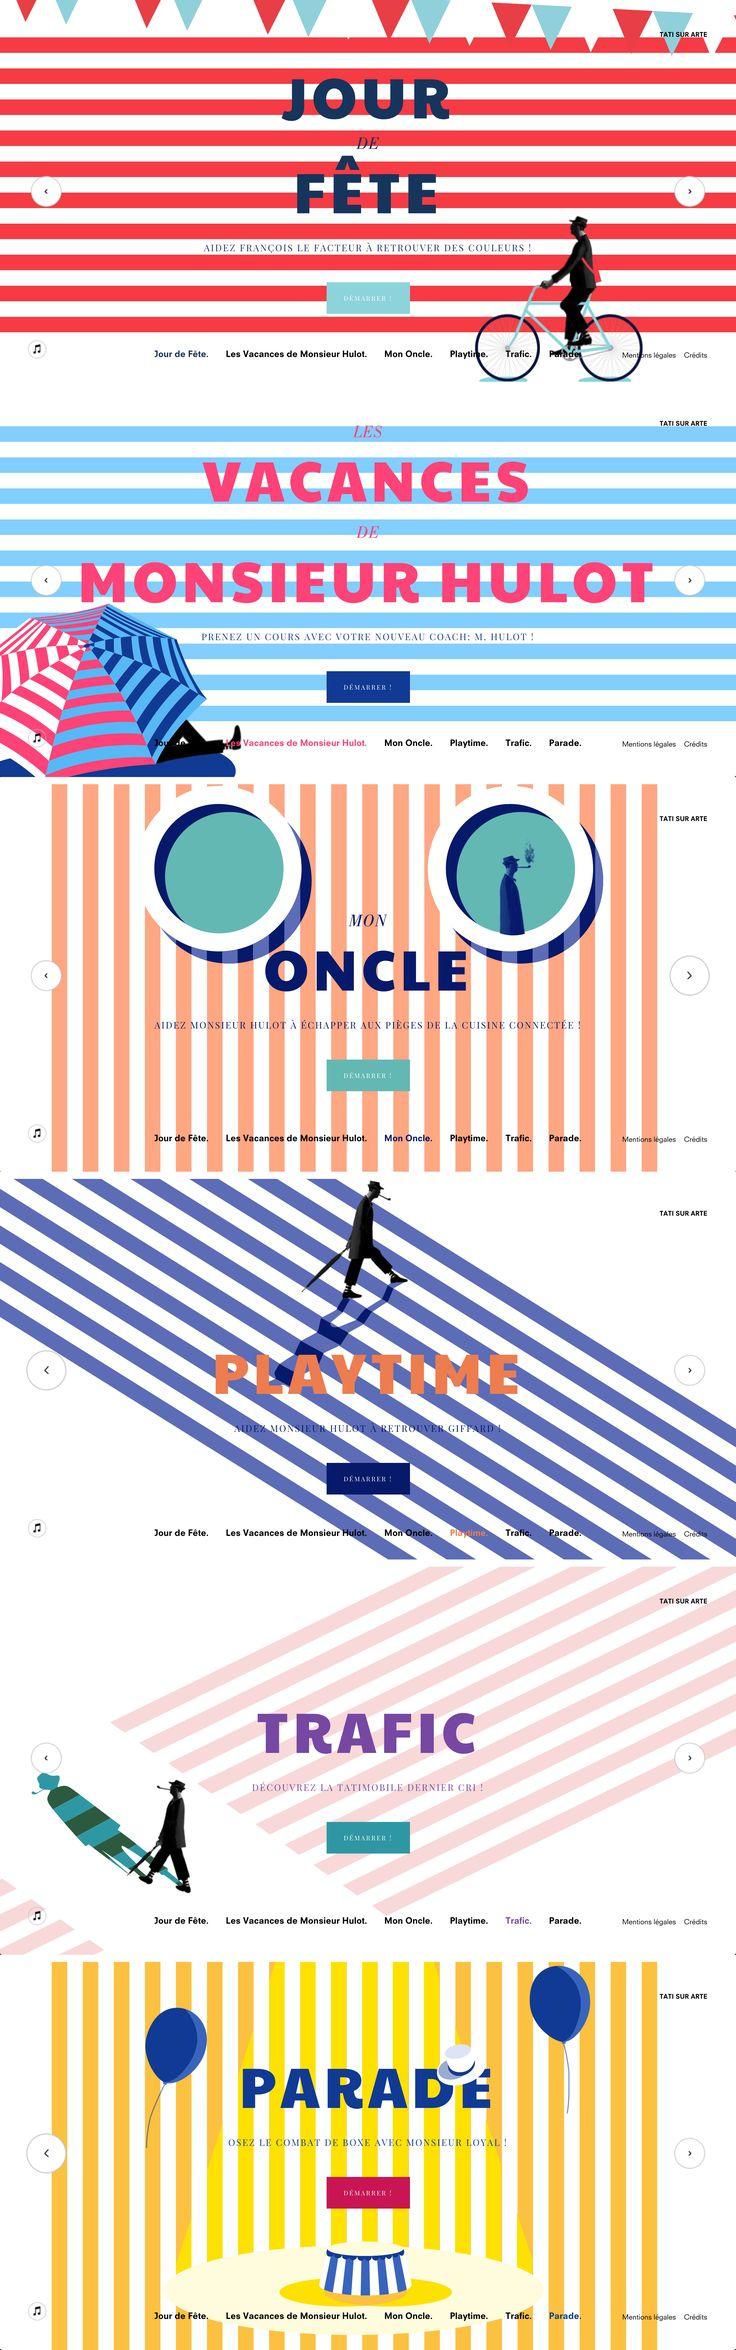 #website #layout #awwwards #webdesign #illustration